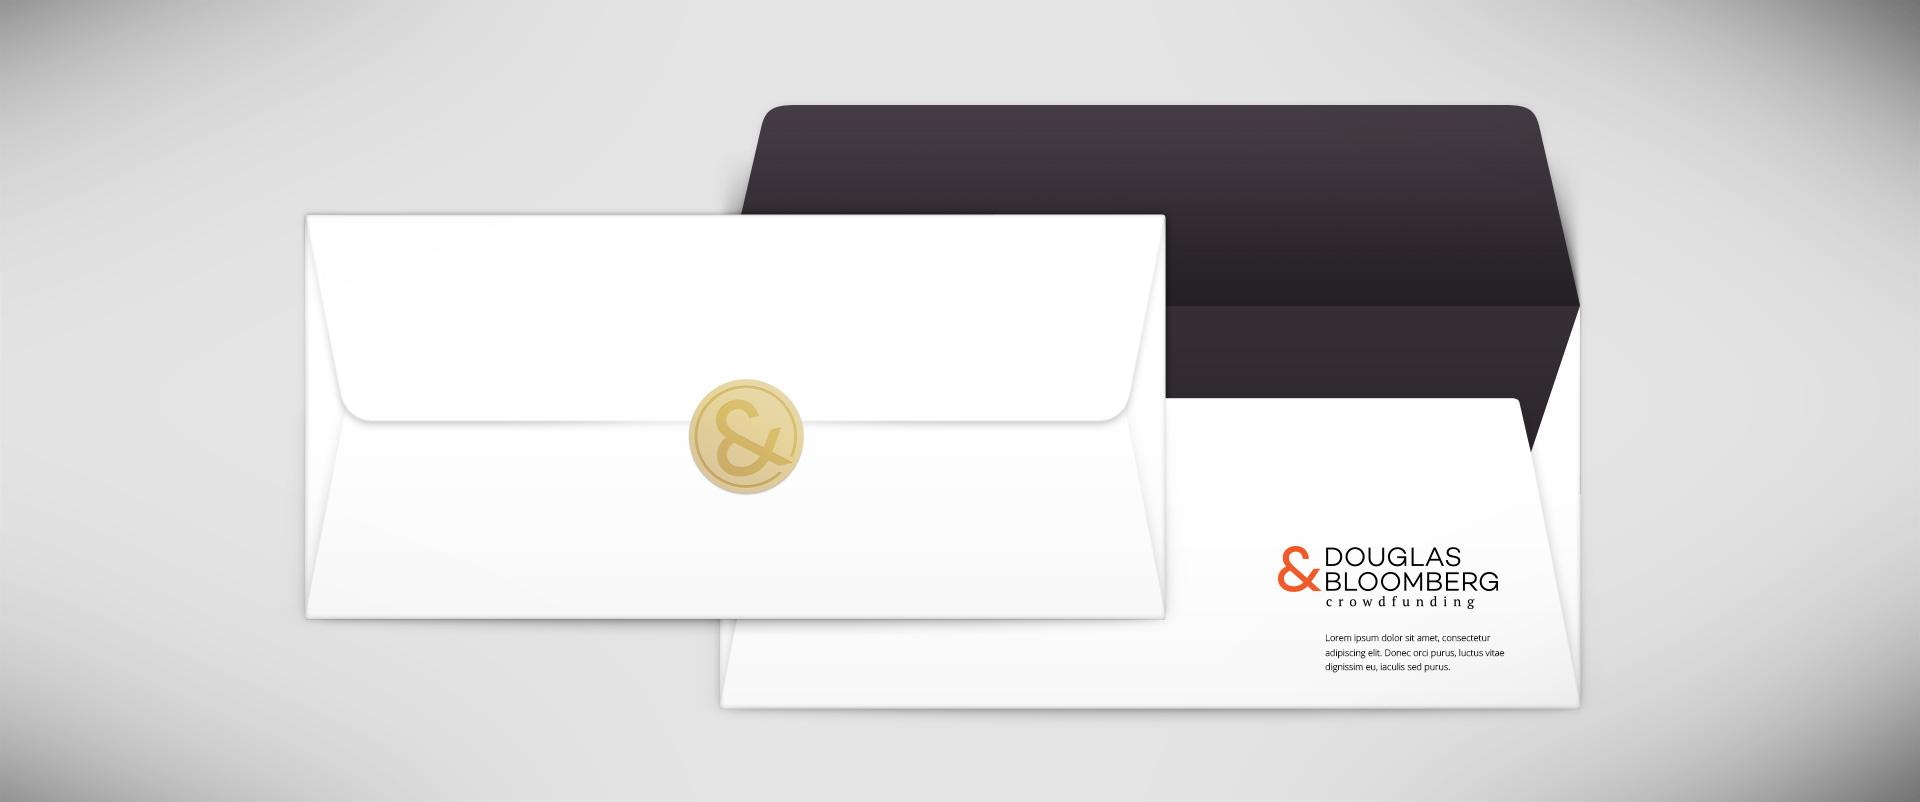 הדמיית עיצוב ניירת מכתבים דגלס ובלומ